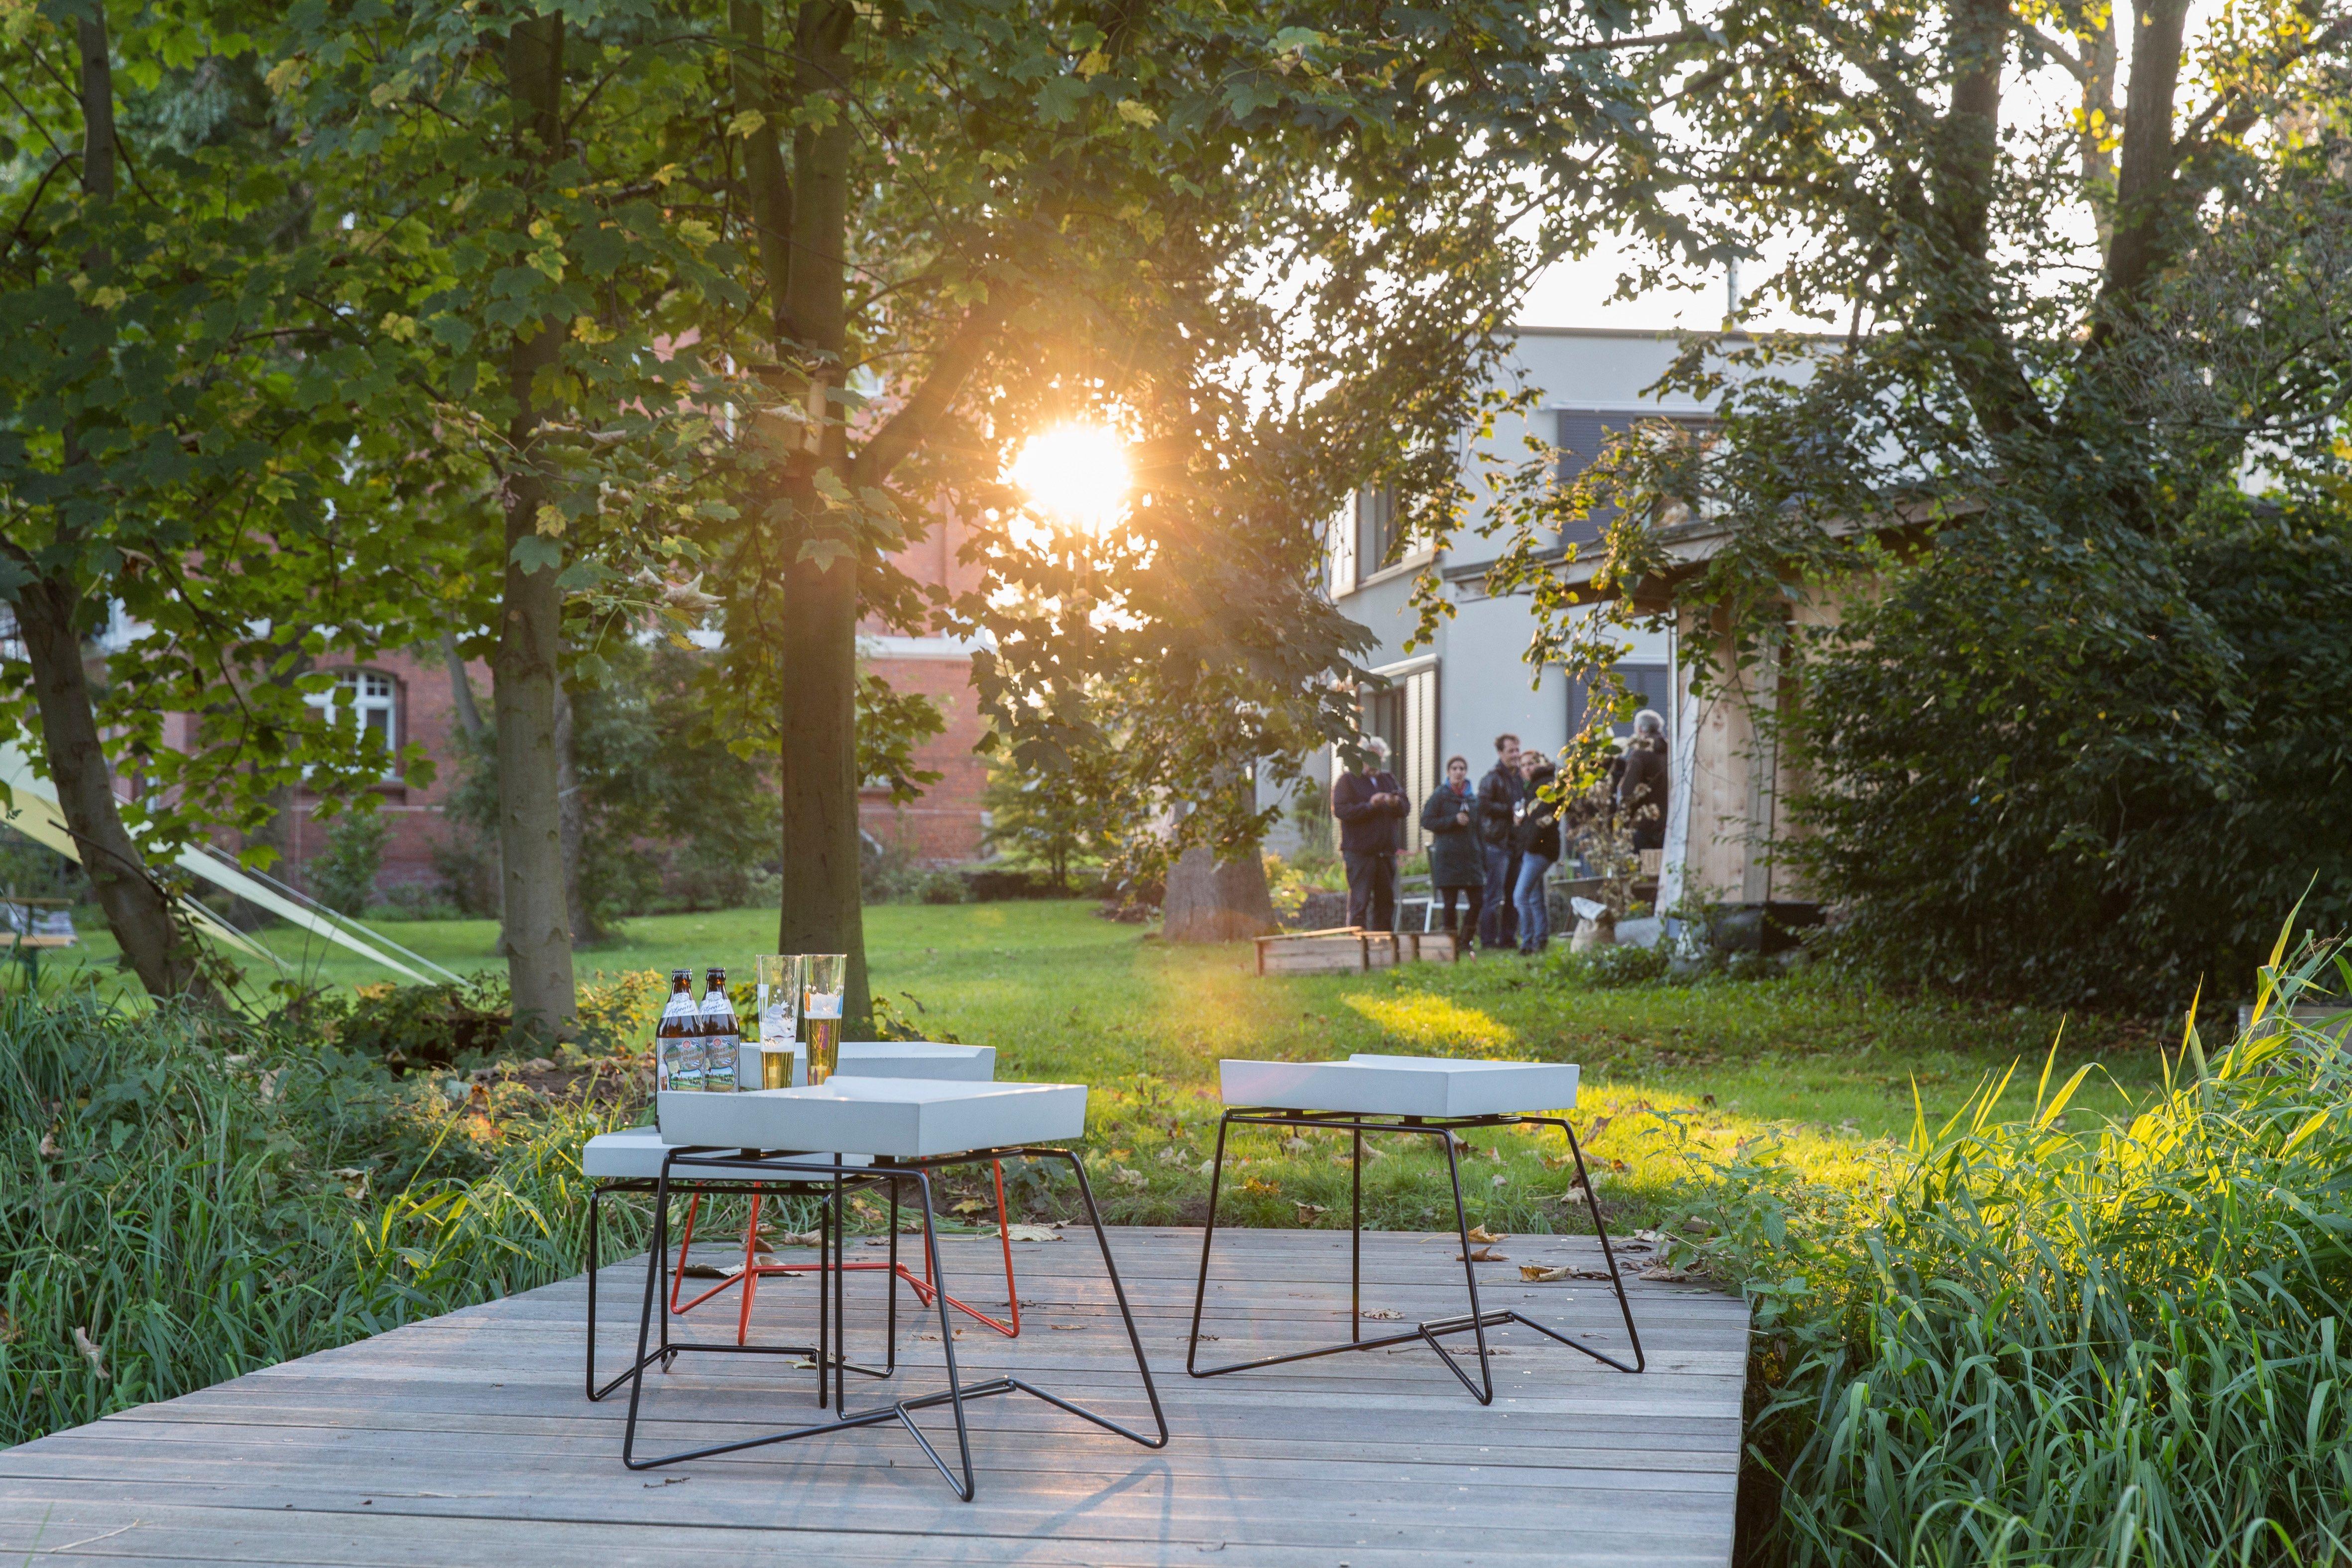 So Lacht Der Feierabend Im Garten Beistelltisch Hocker Sitzgelegenheit Betonmbel CFoto